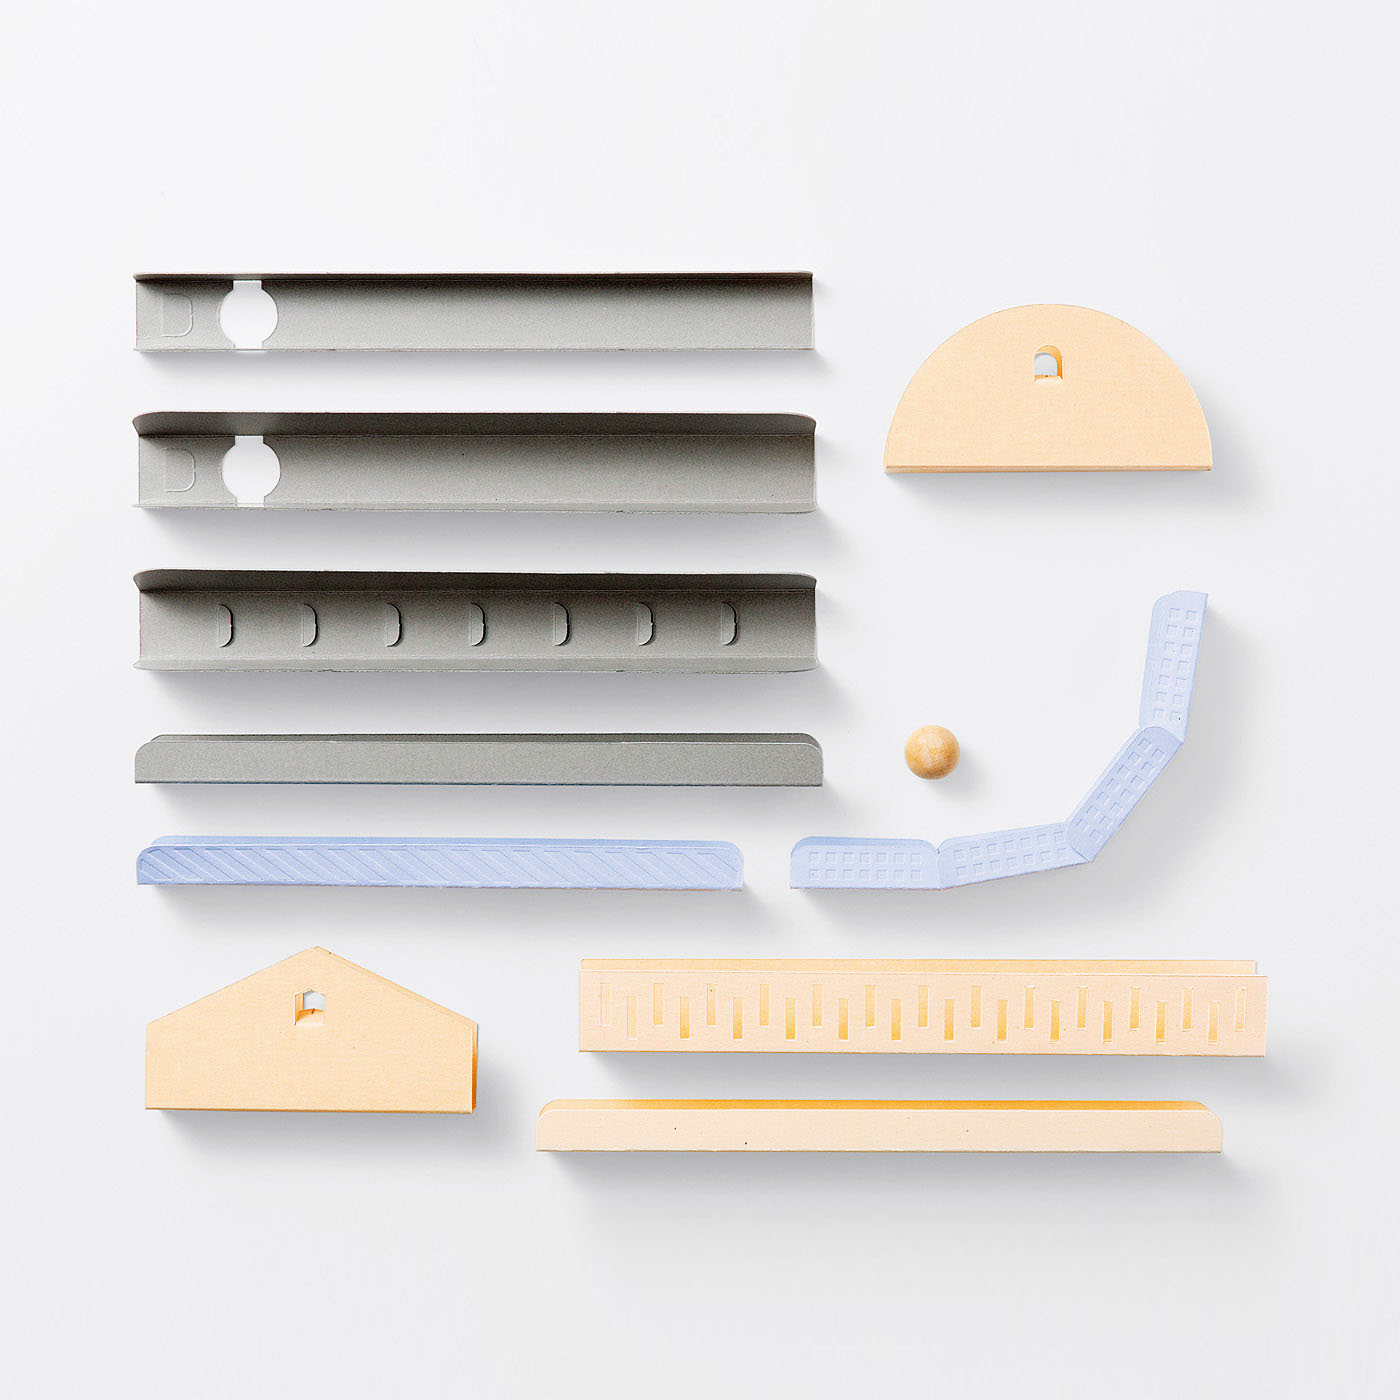 1回のお届けで7~10個のパーツが作れます。型抜き済みなので台紙から切り離して組み立てるだけ。